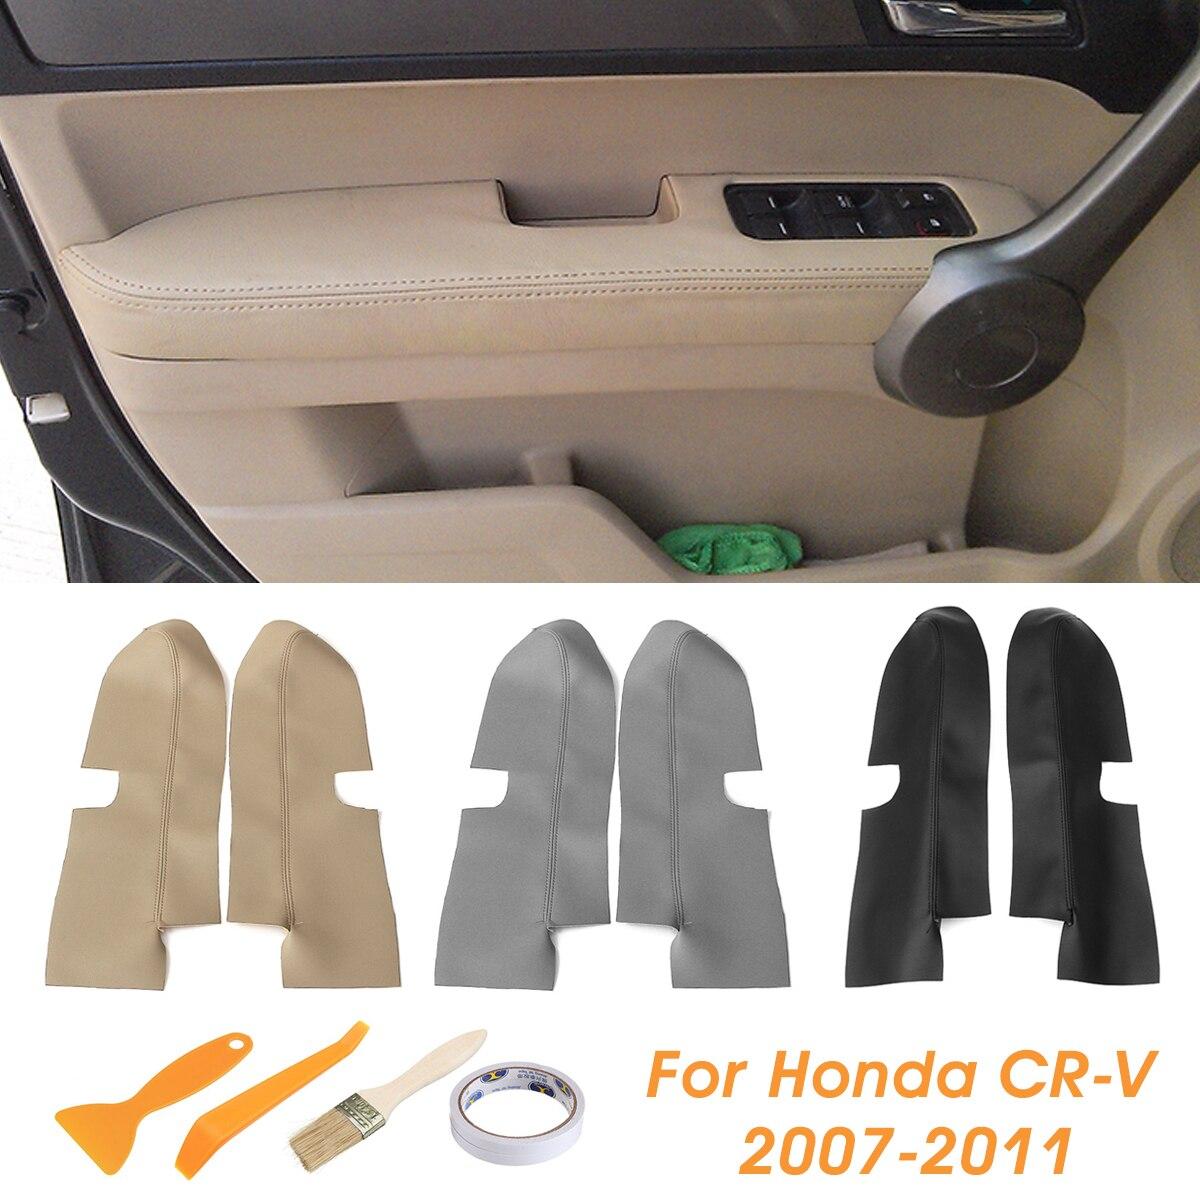 Paire de panneaux de porte avant en cuir pour Honda CRV 2007 2008 2009 2010 2011 2012 noir/Beige/grisPaire de panneaux de porte avant en cuir pour Honda CRV 2007 2008 2009 2010 2011 2012 noir/Beige/gris